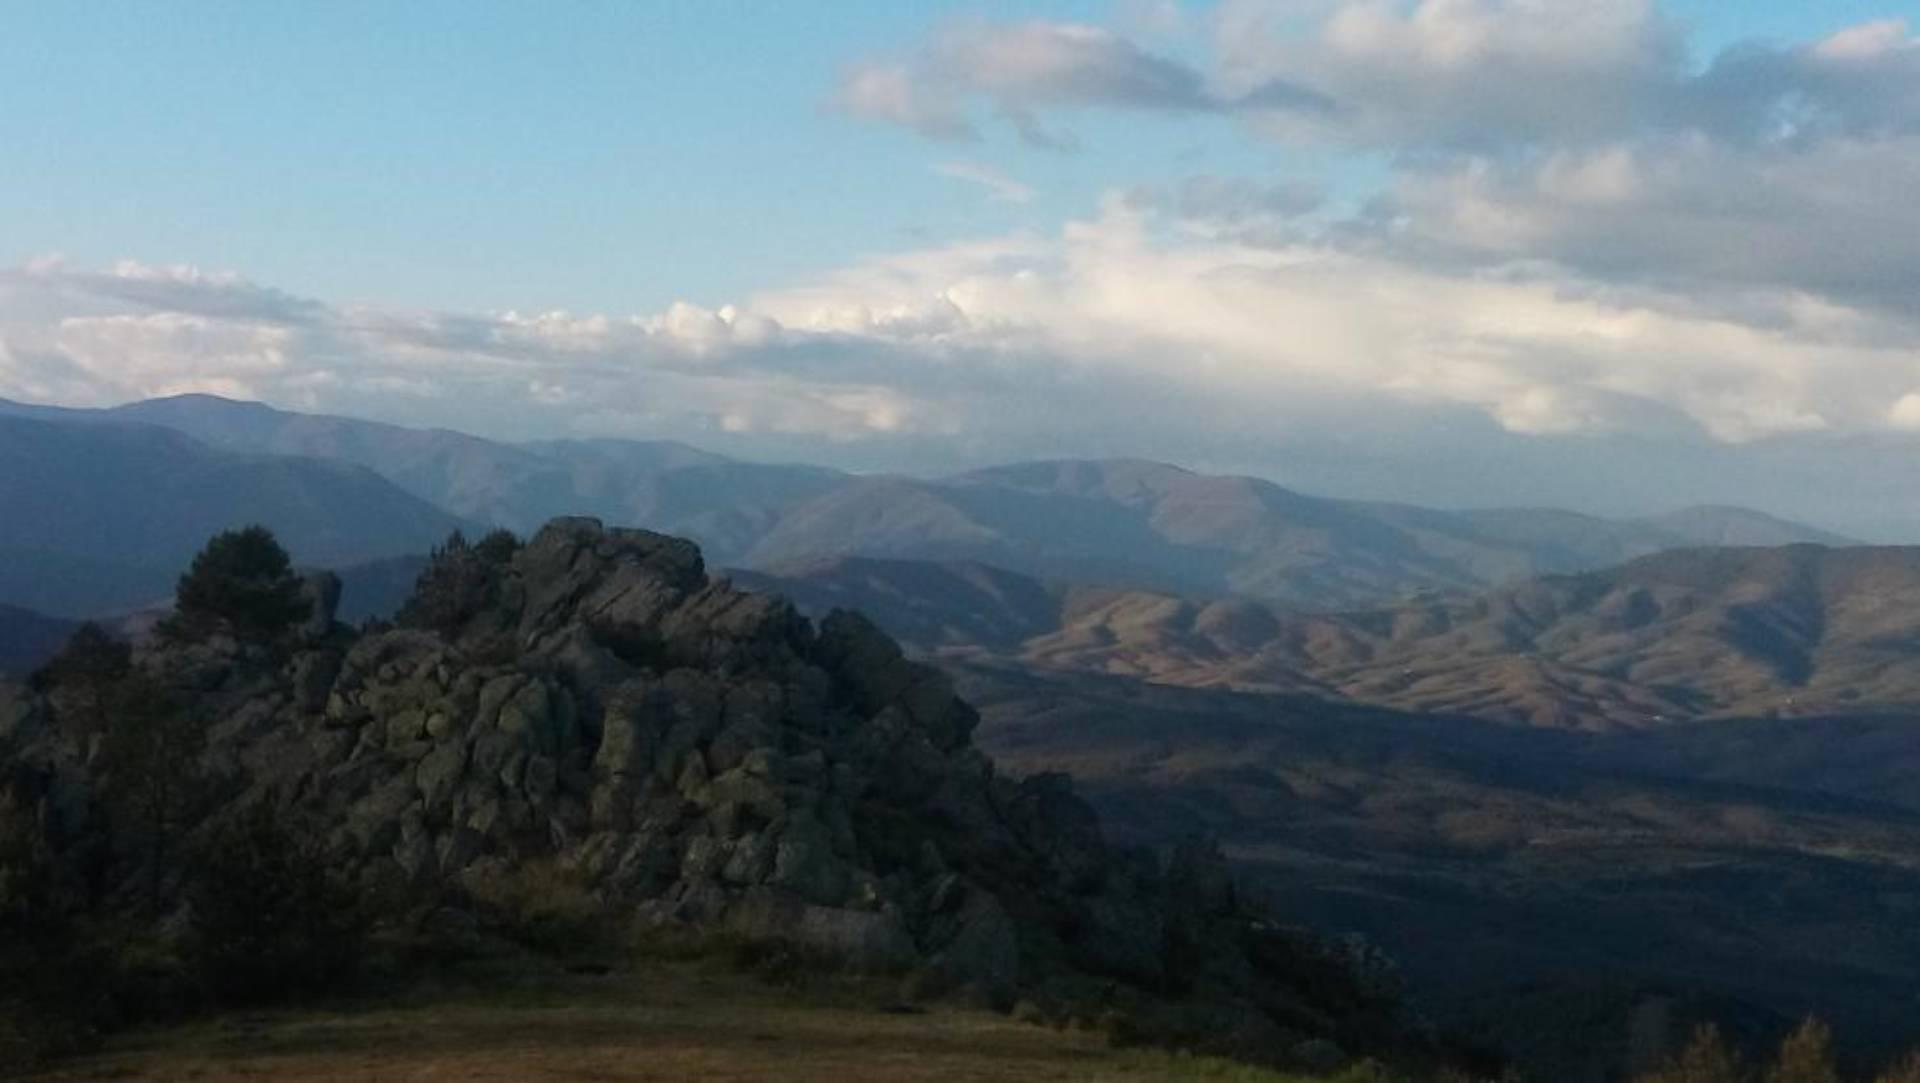 Villanueva de la Sierra